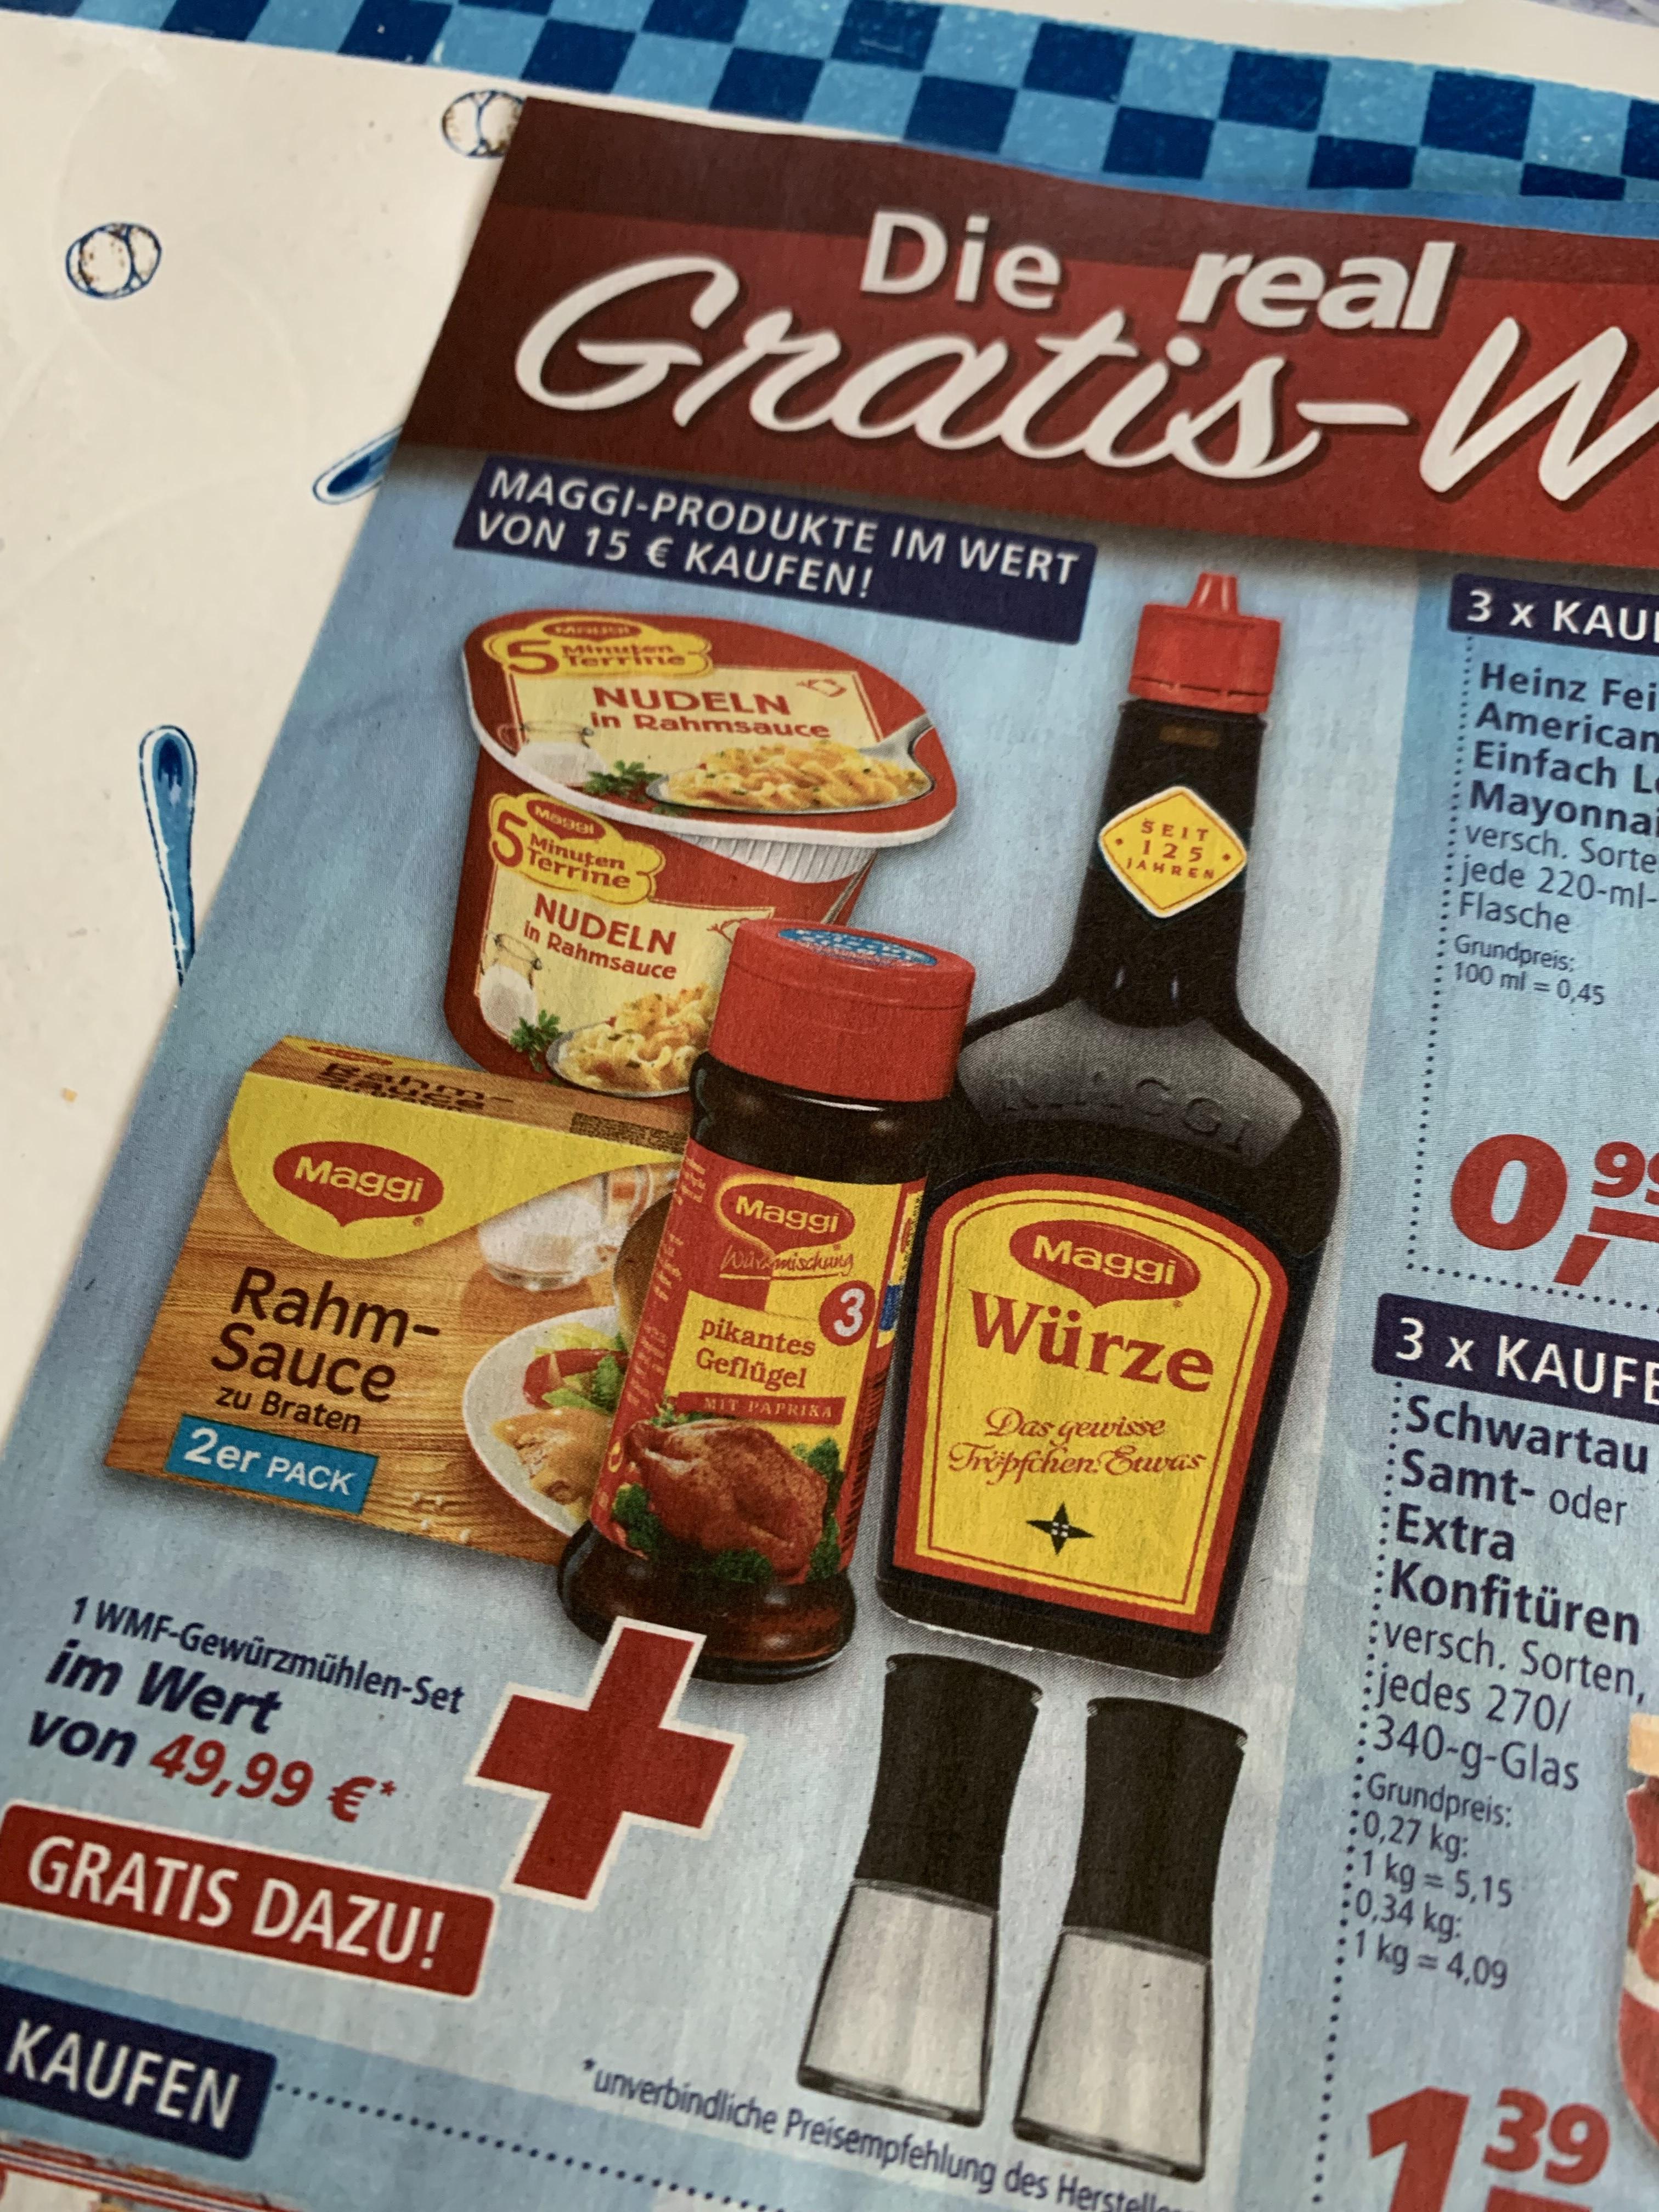 Maggi für 15 Euro bei Real kaufen, zwei WMF Gewürzmühlen gratis!!!